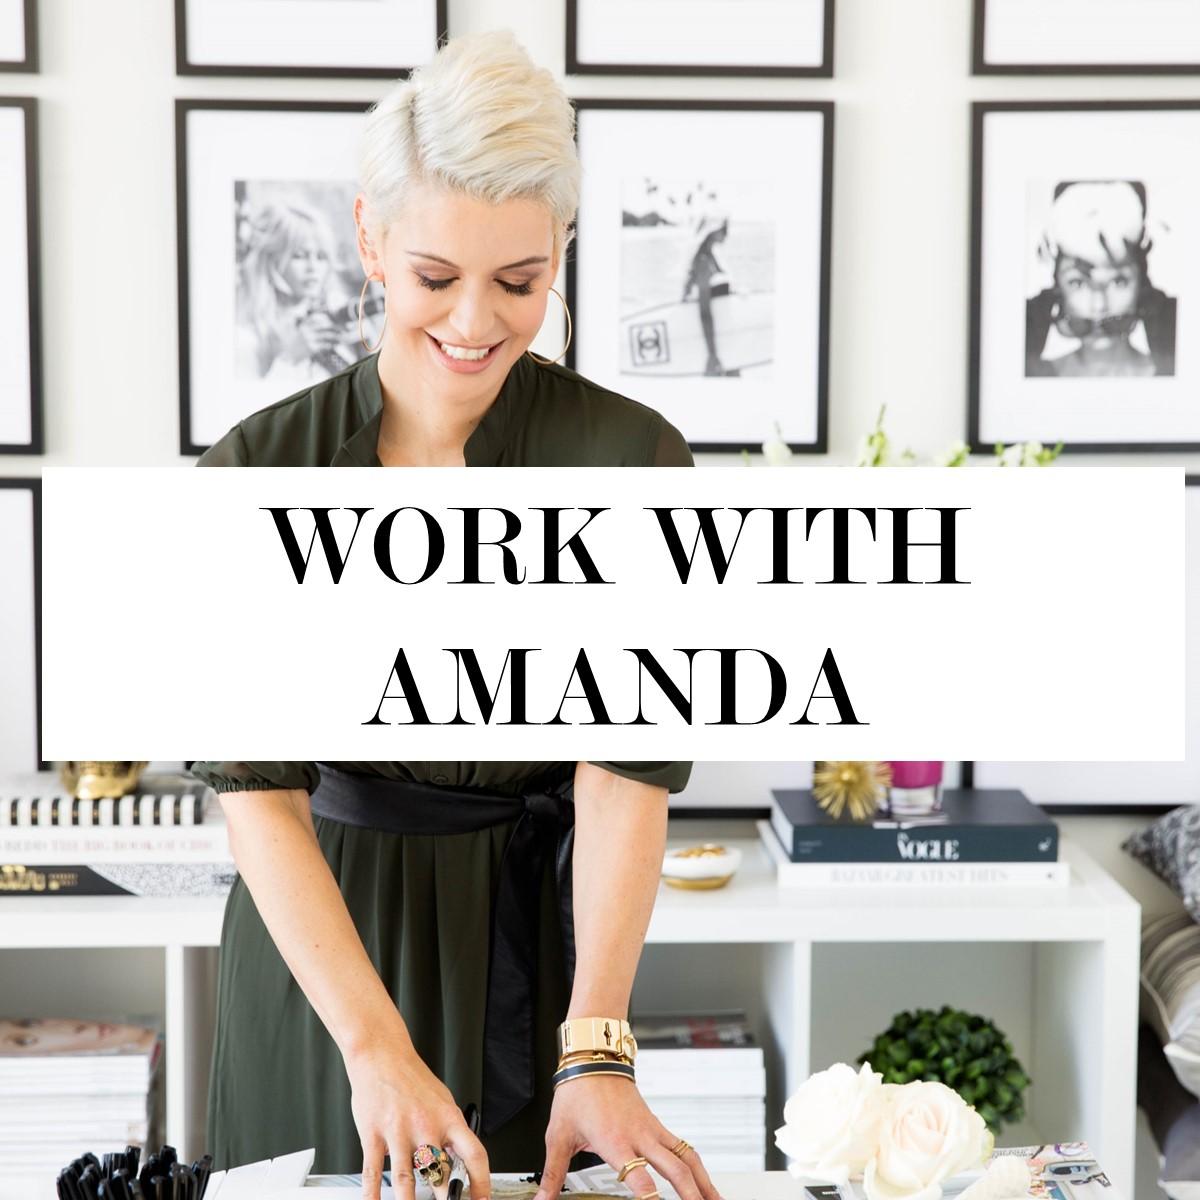 Amanda Forrest Sidebar Image